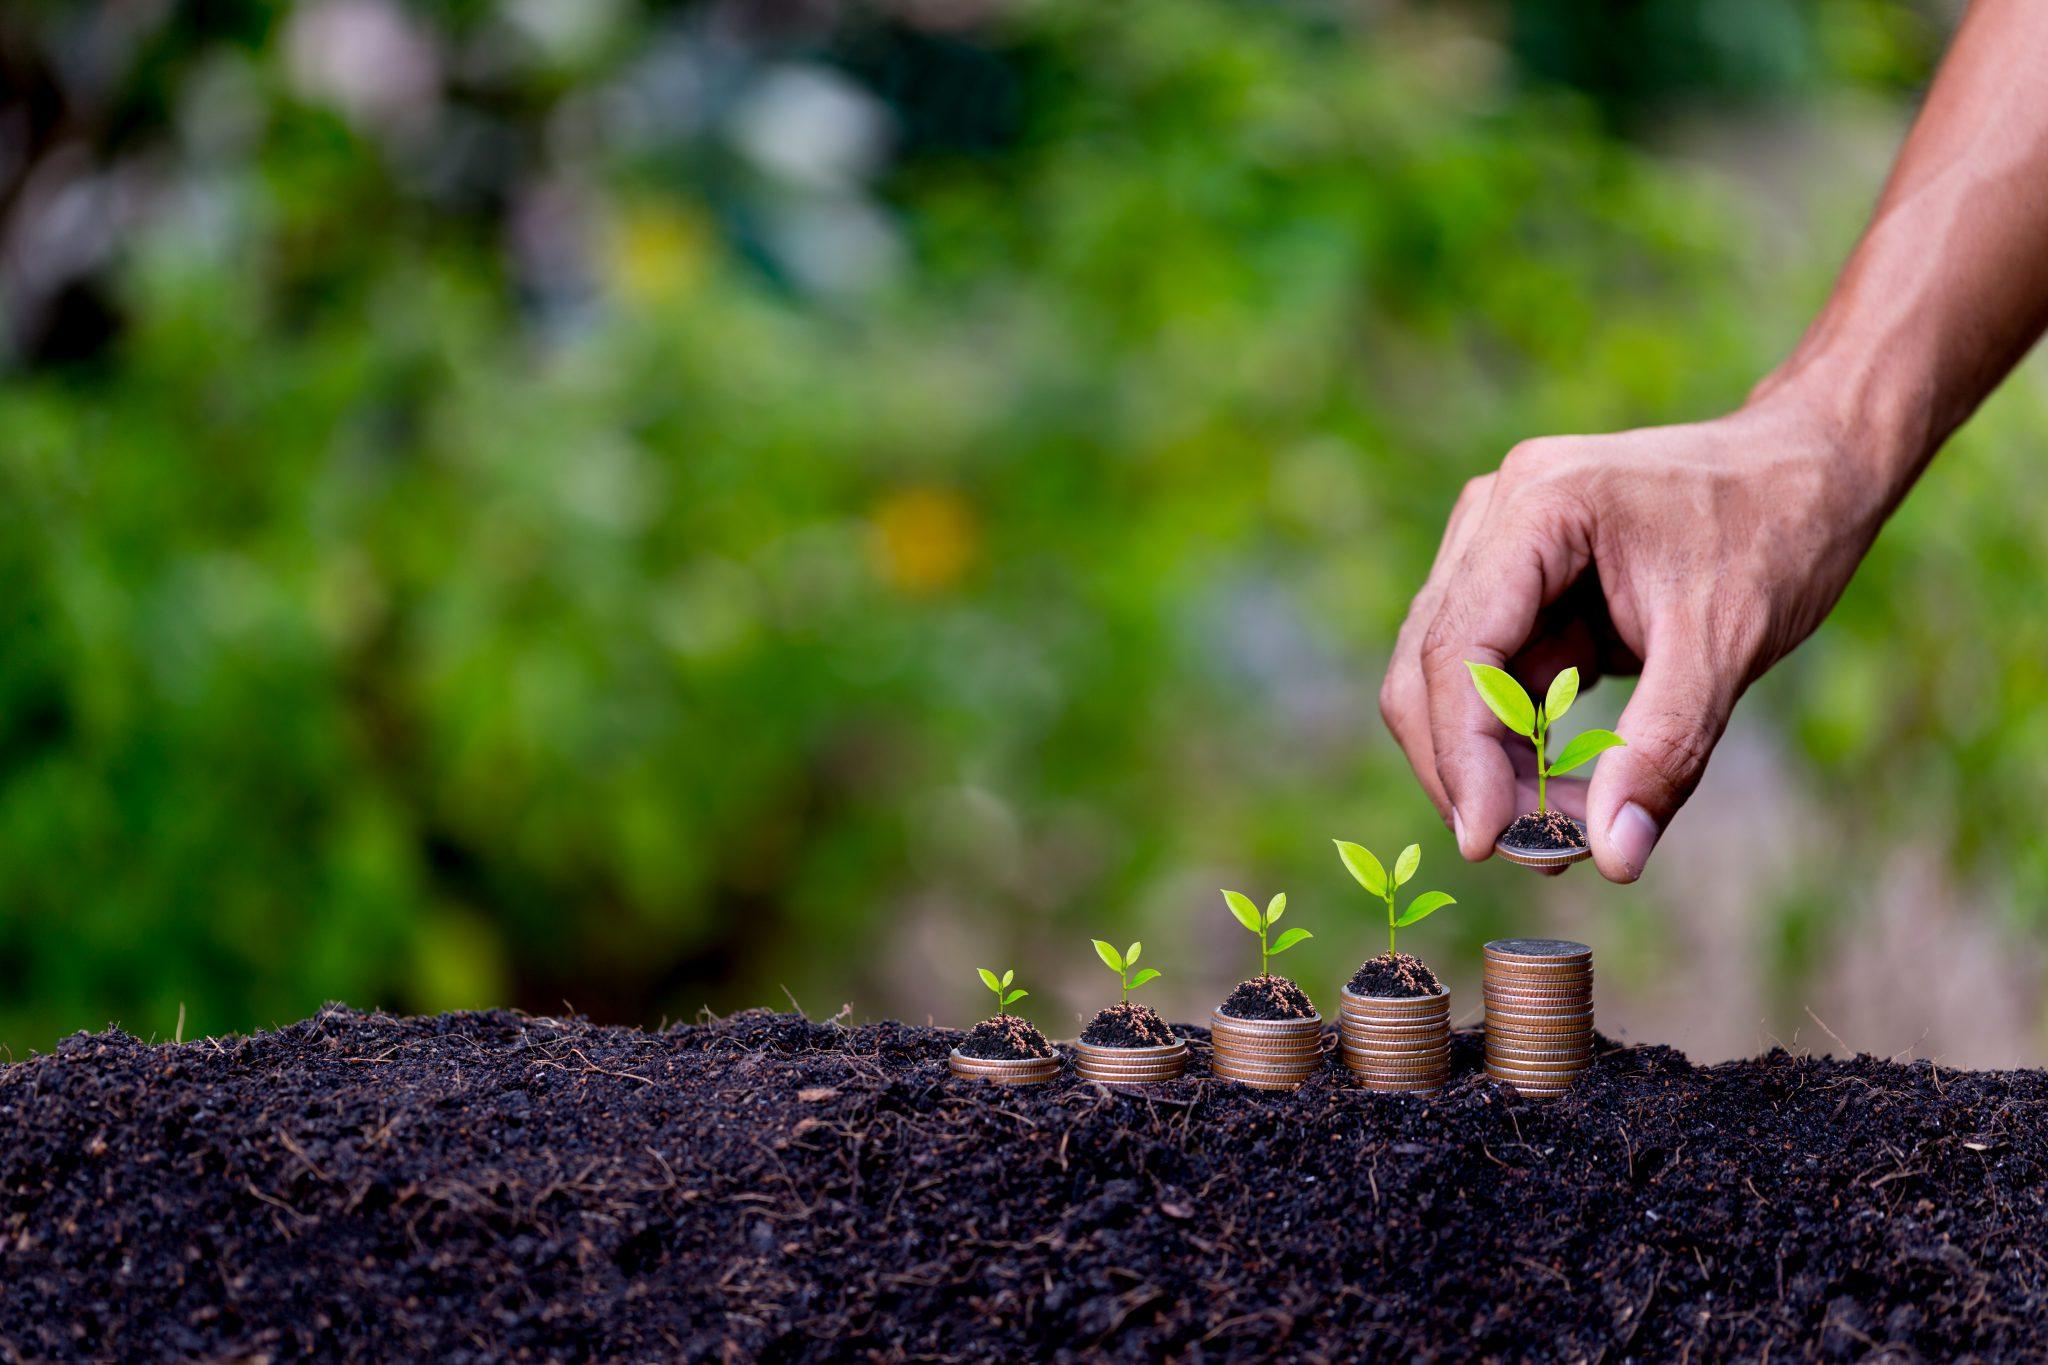 Práticas no campo agregam valor à produção do agronegócio e oferecem oportunidades de crescimento para o setor